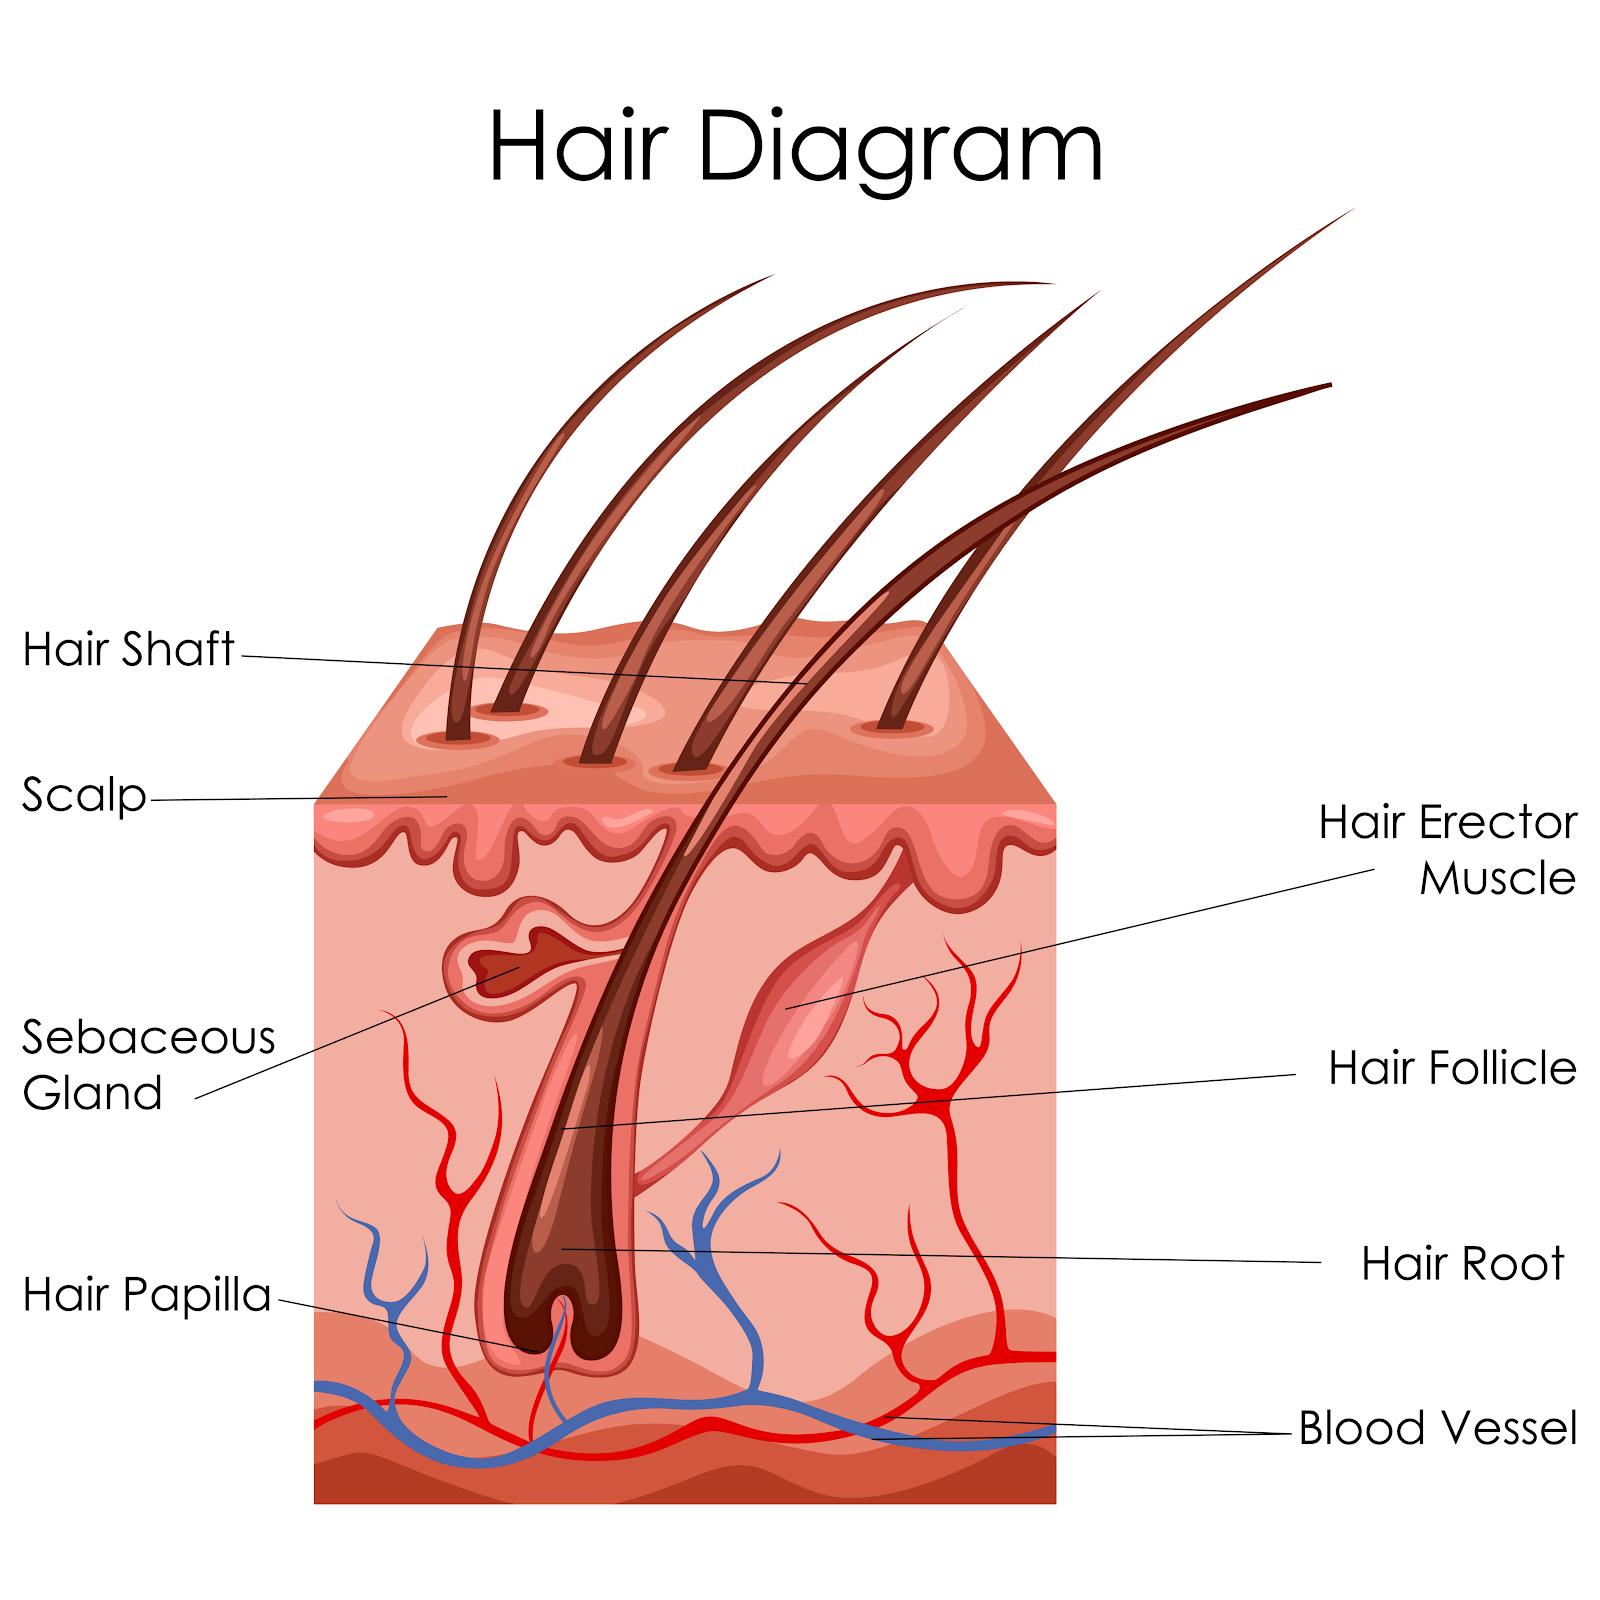 bariatric hair follicle